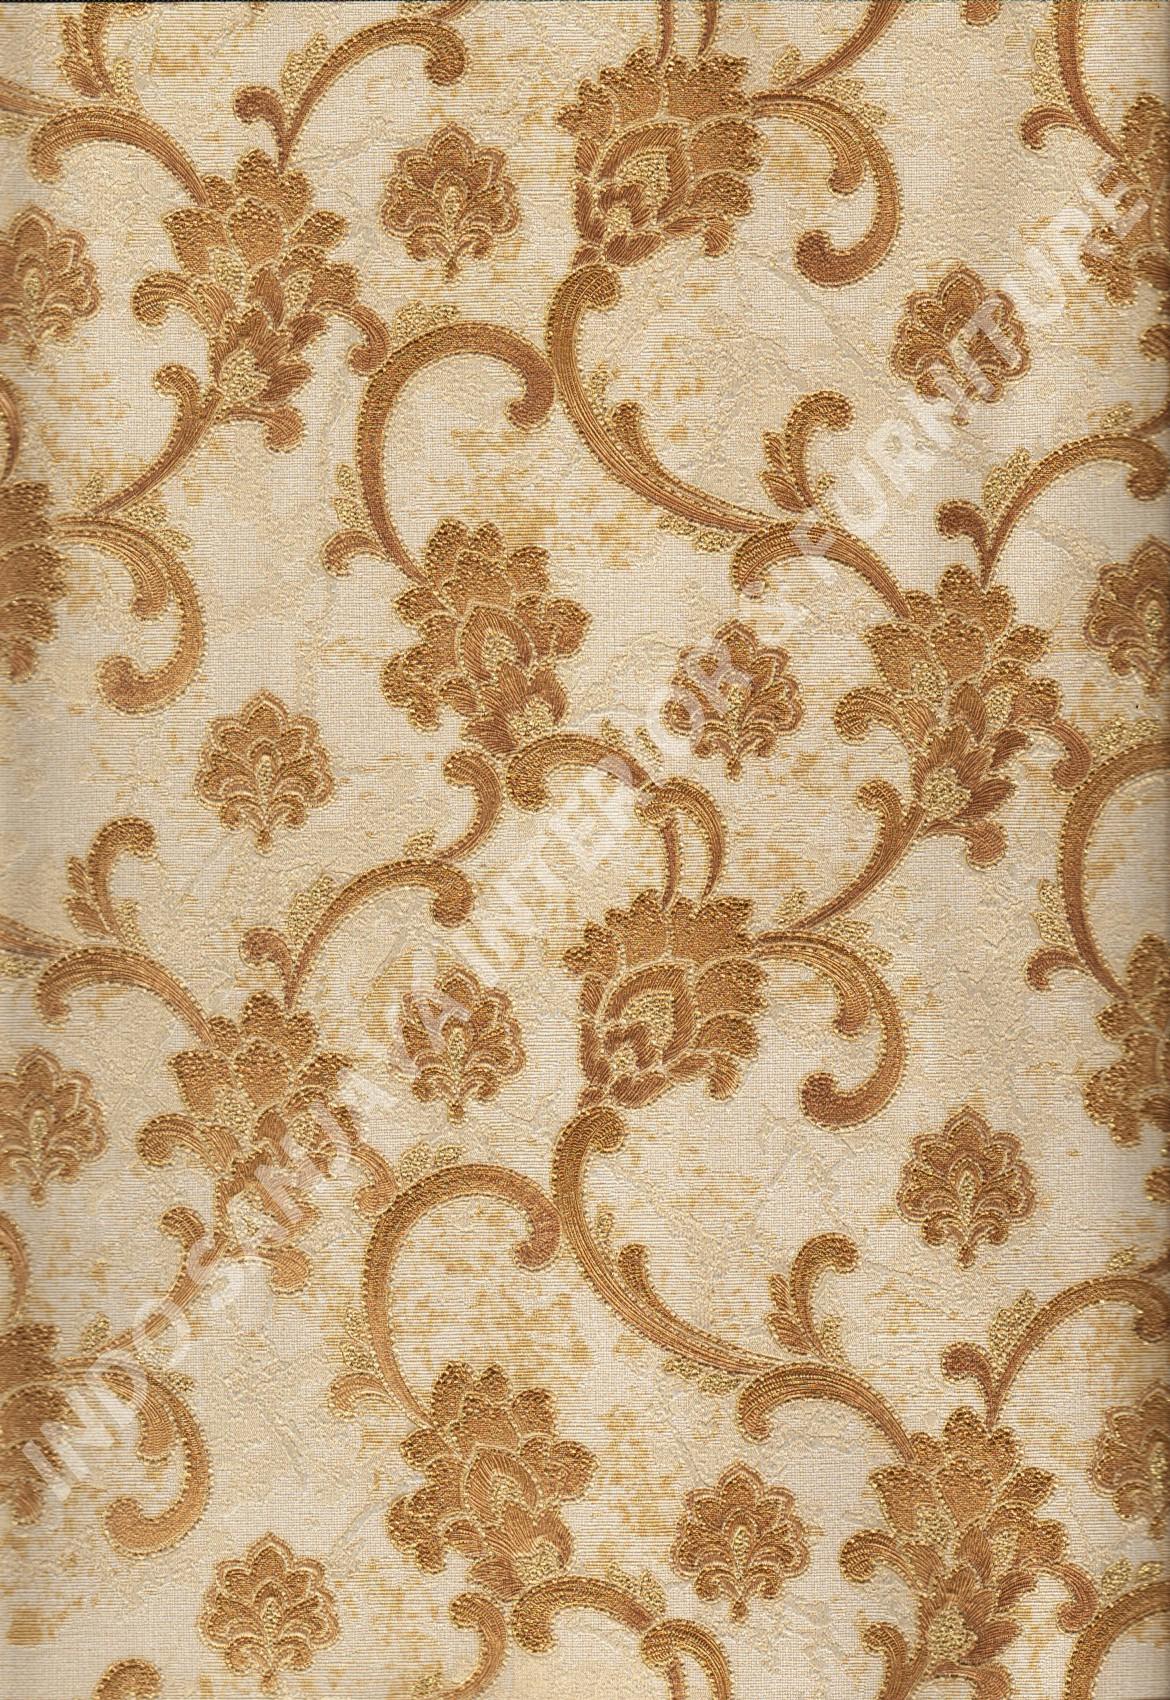 wallpaper   Wallpaper Klasik Batik (Damask) 81126-6:81126-6 corak  warna